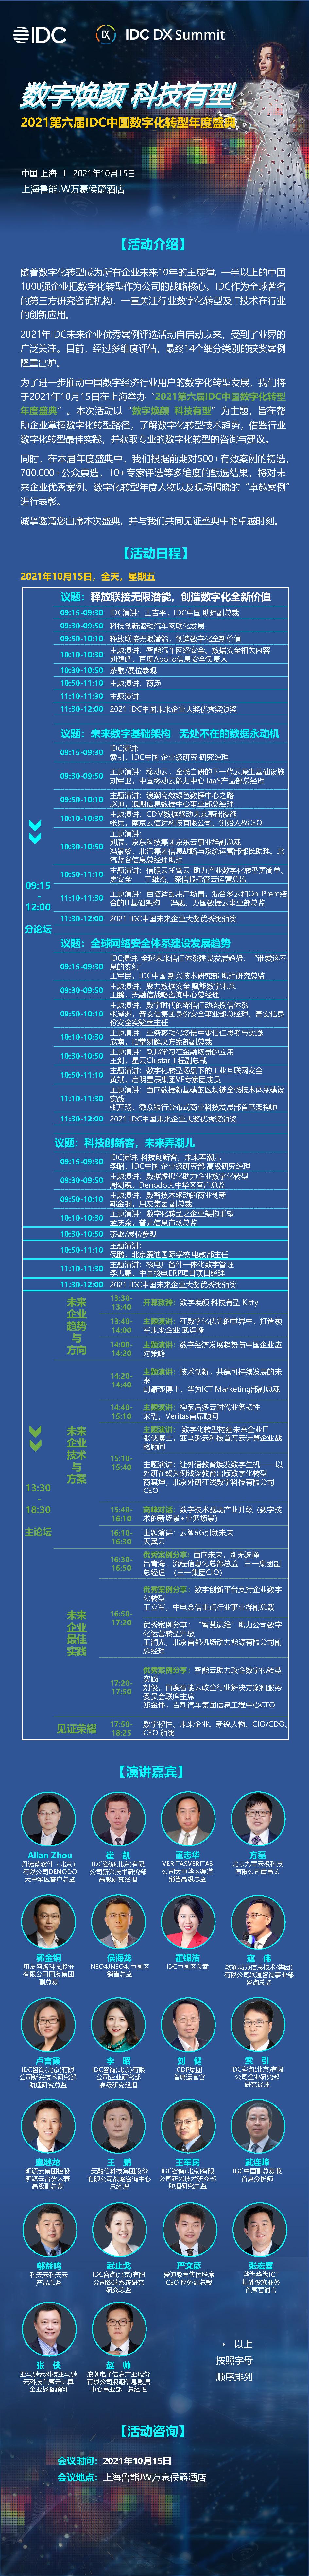 上海,15新新,活动行.jpg